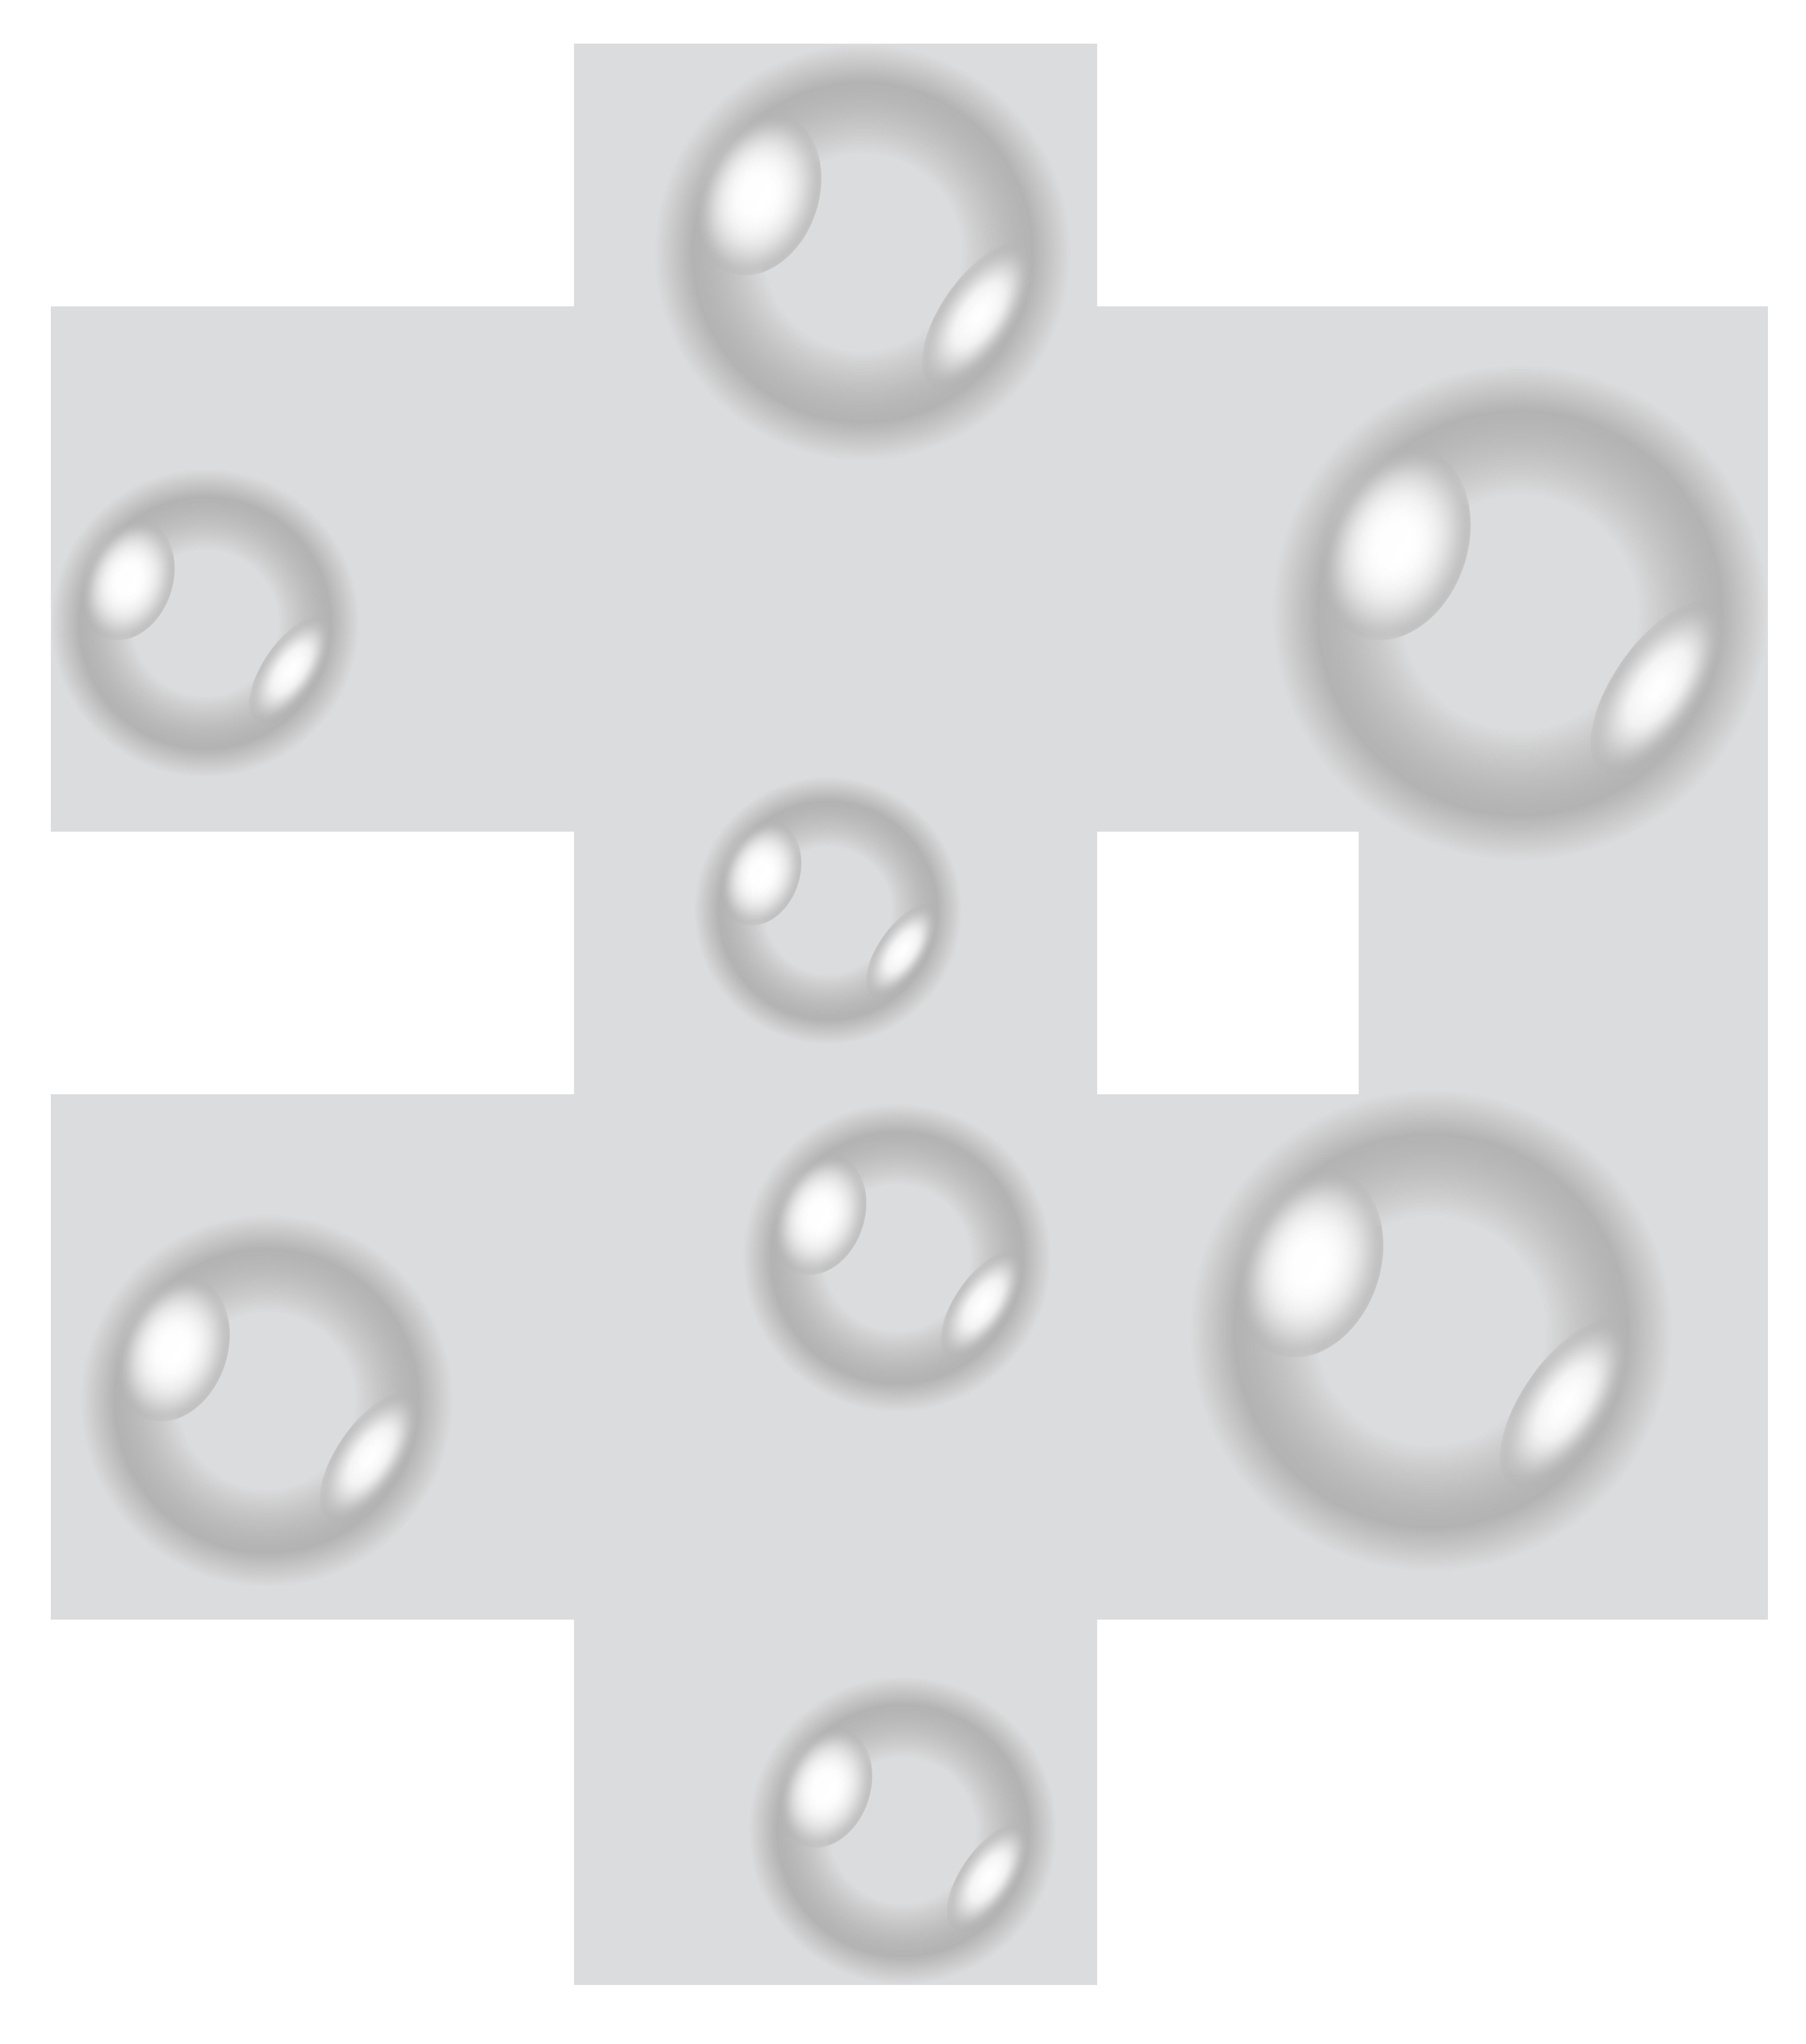 Transparent Bubbles PNG Clip Art Image